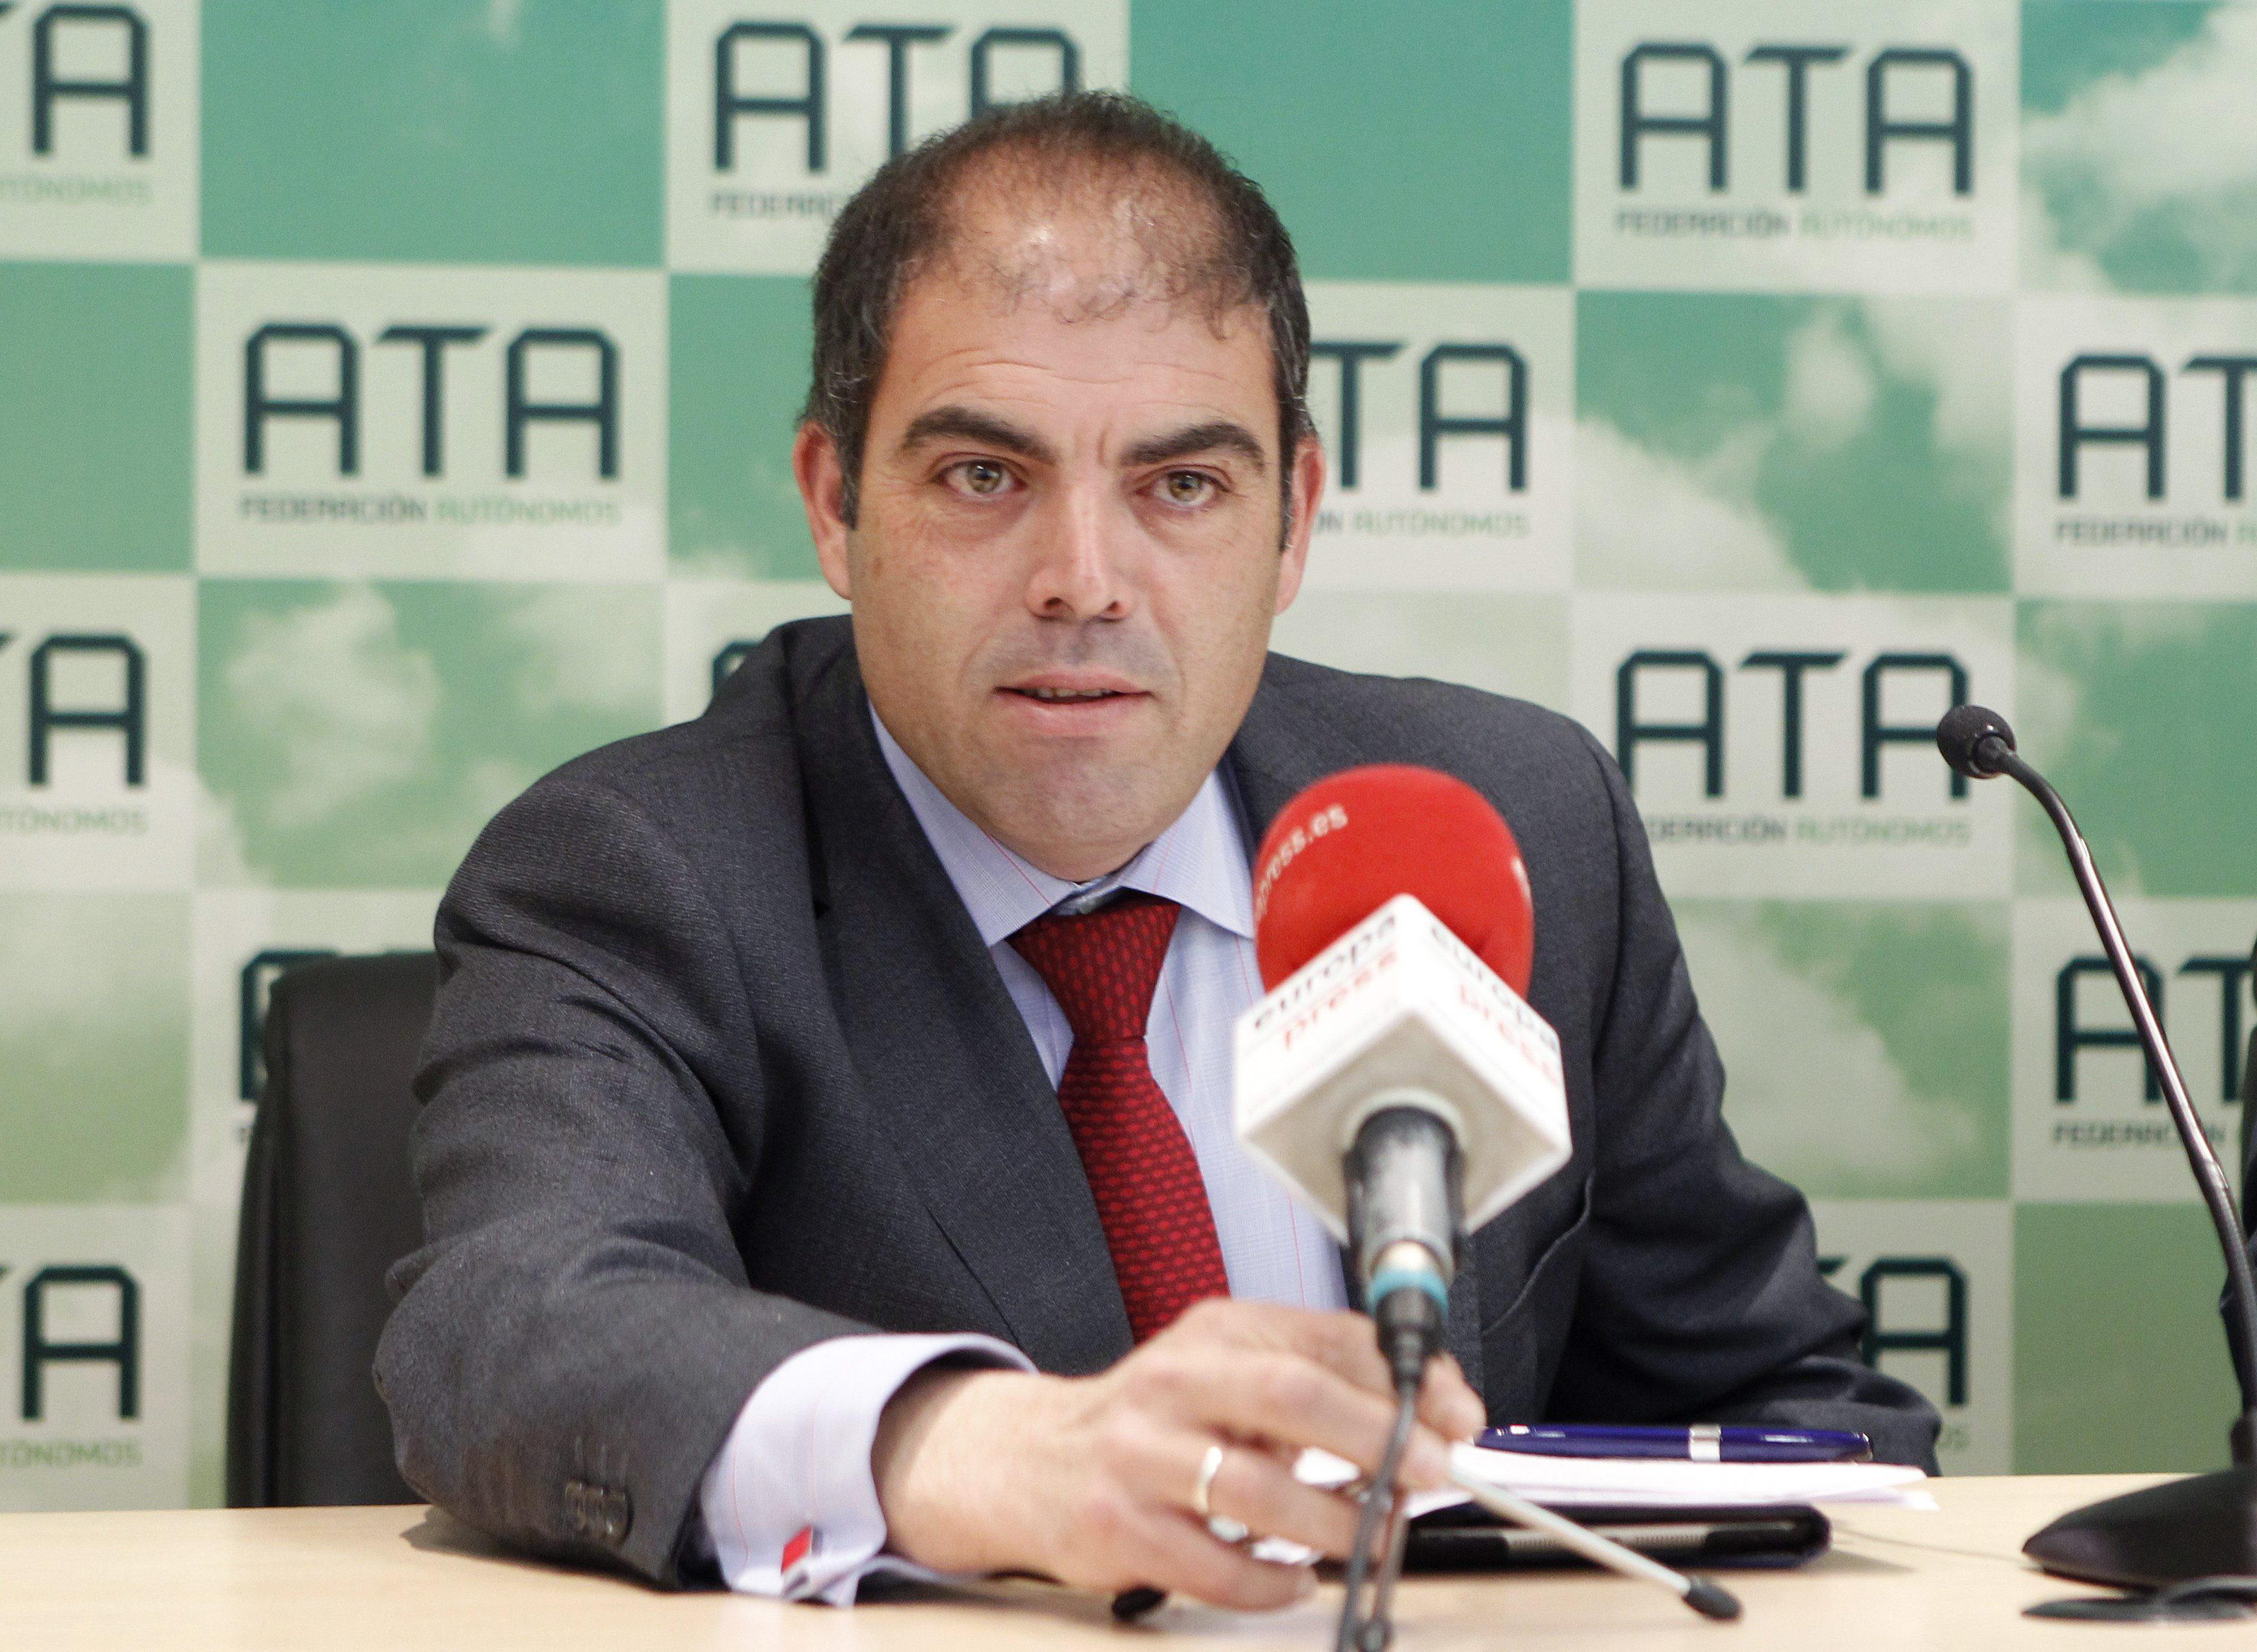 El 33 % de los autónomos prevé hacer algún contrato en 2014, según ATA